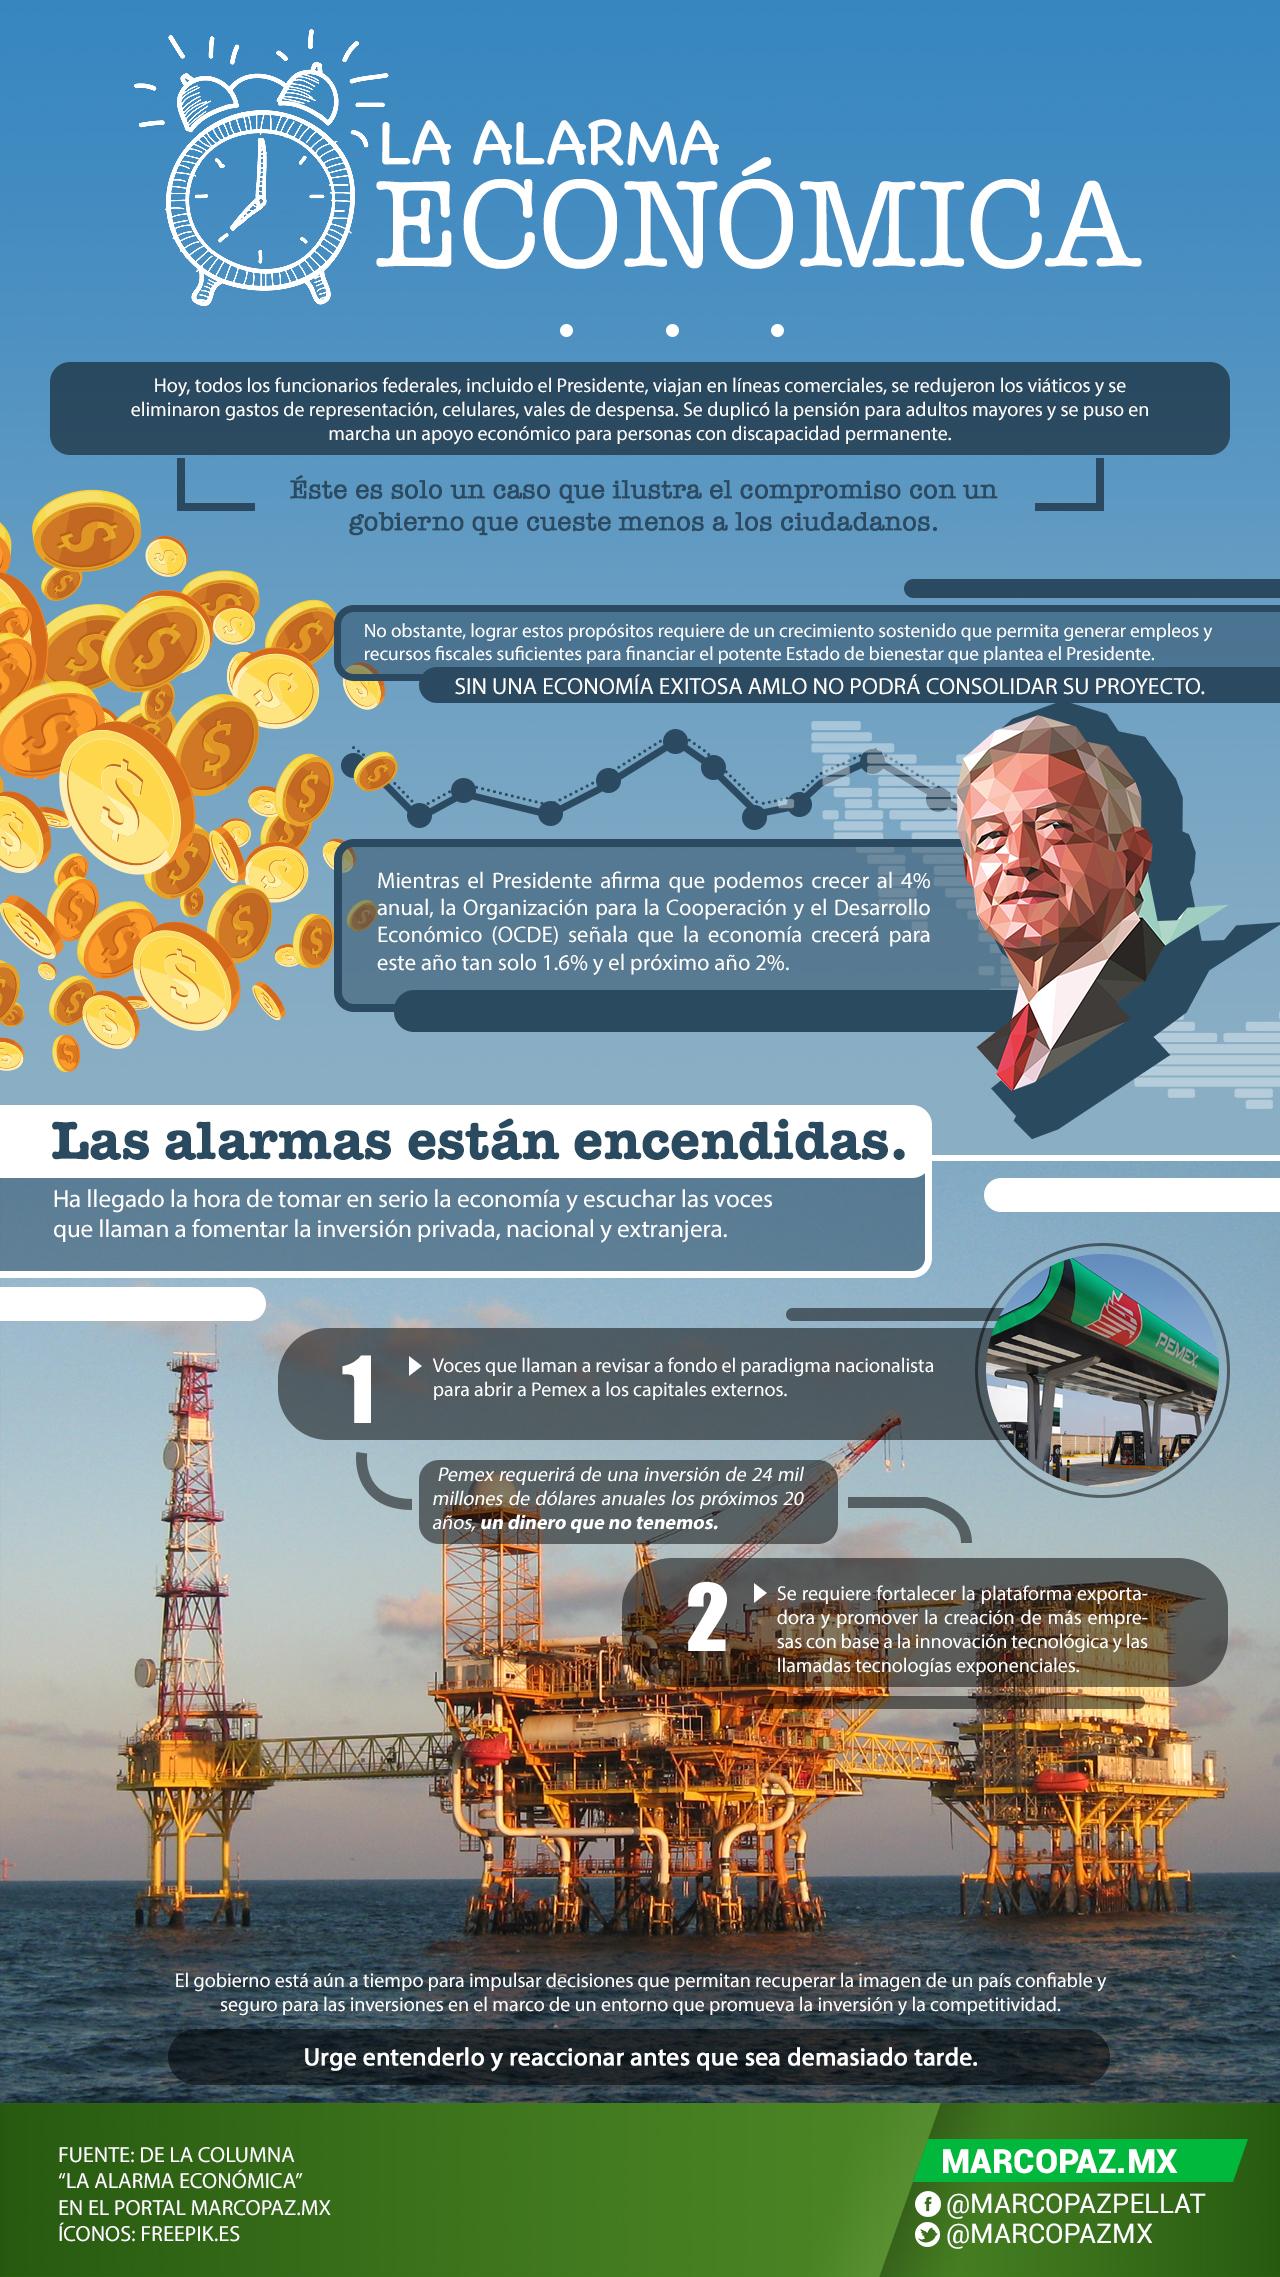 09 infografia La alarma económica copia